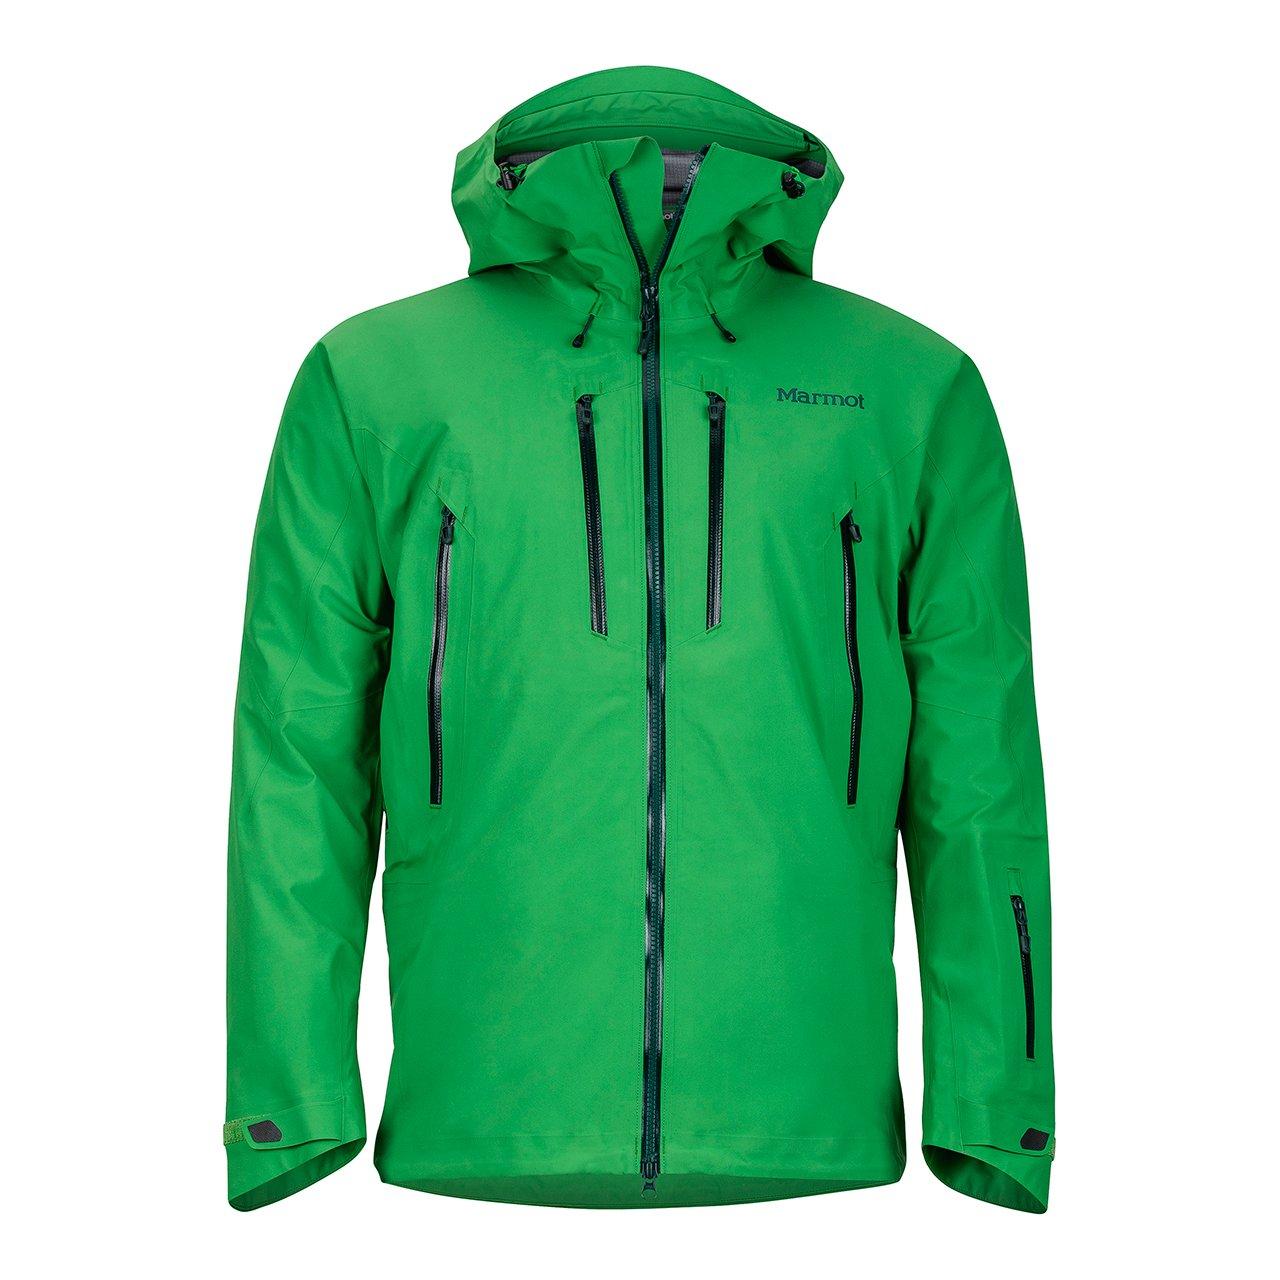 マーモット(Marmot) Alpinist Jacket M7J-F3037A B076GVP136 Small|ラッキーグリーン(4758) ラッキーグリーン(4758) Small